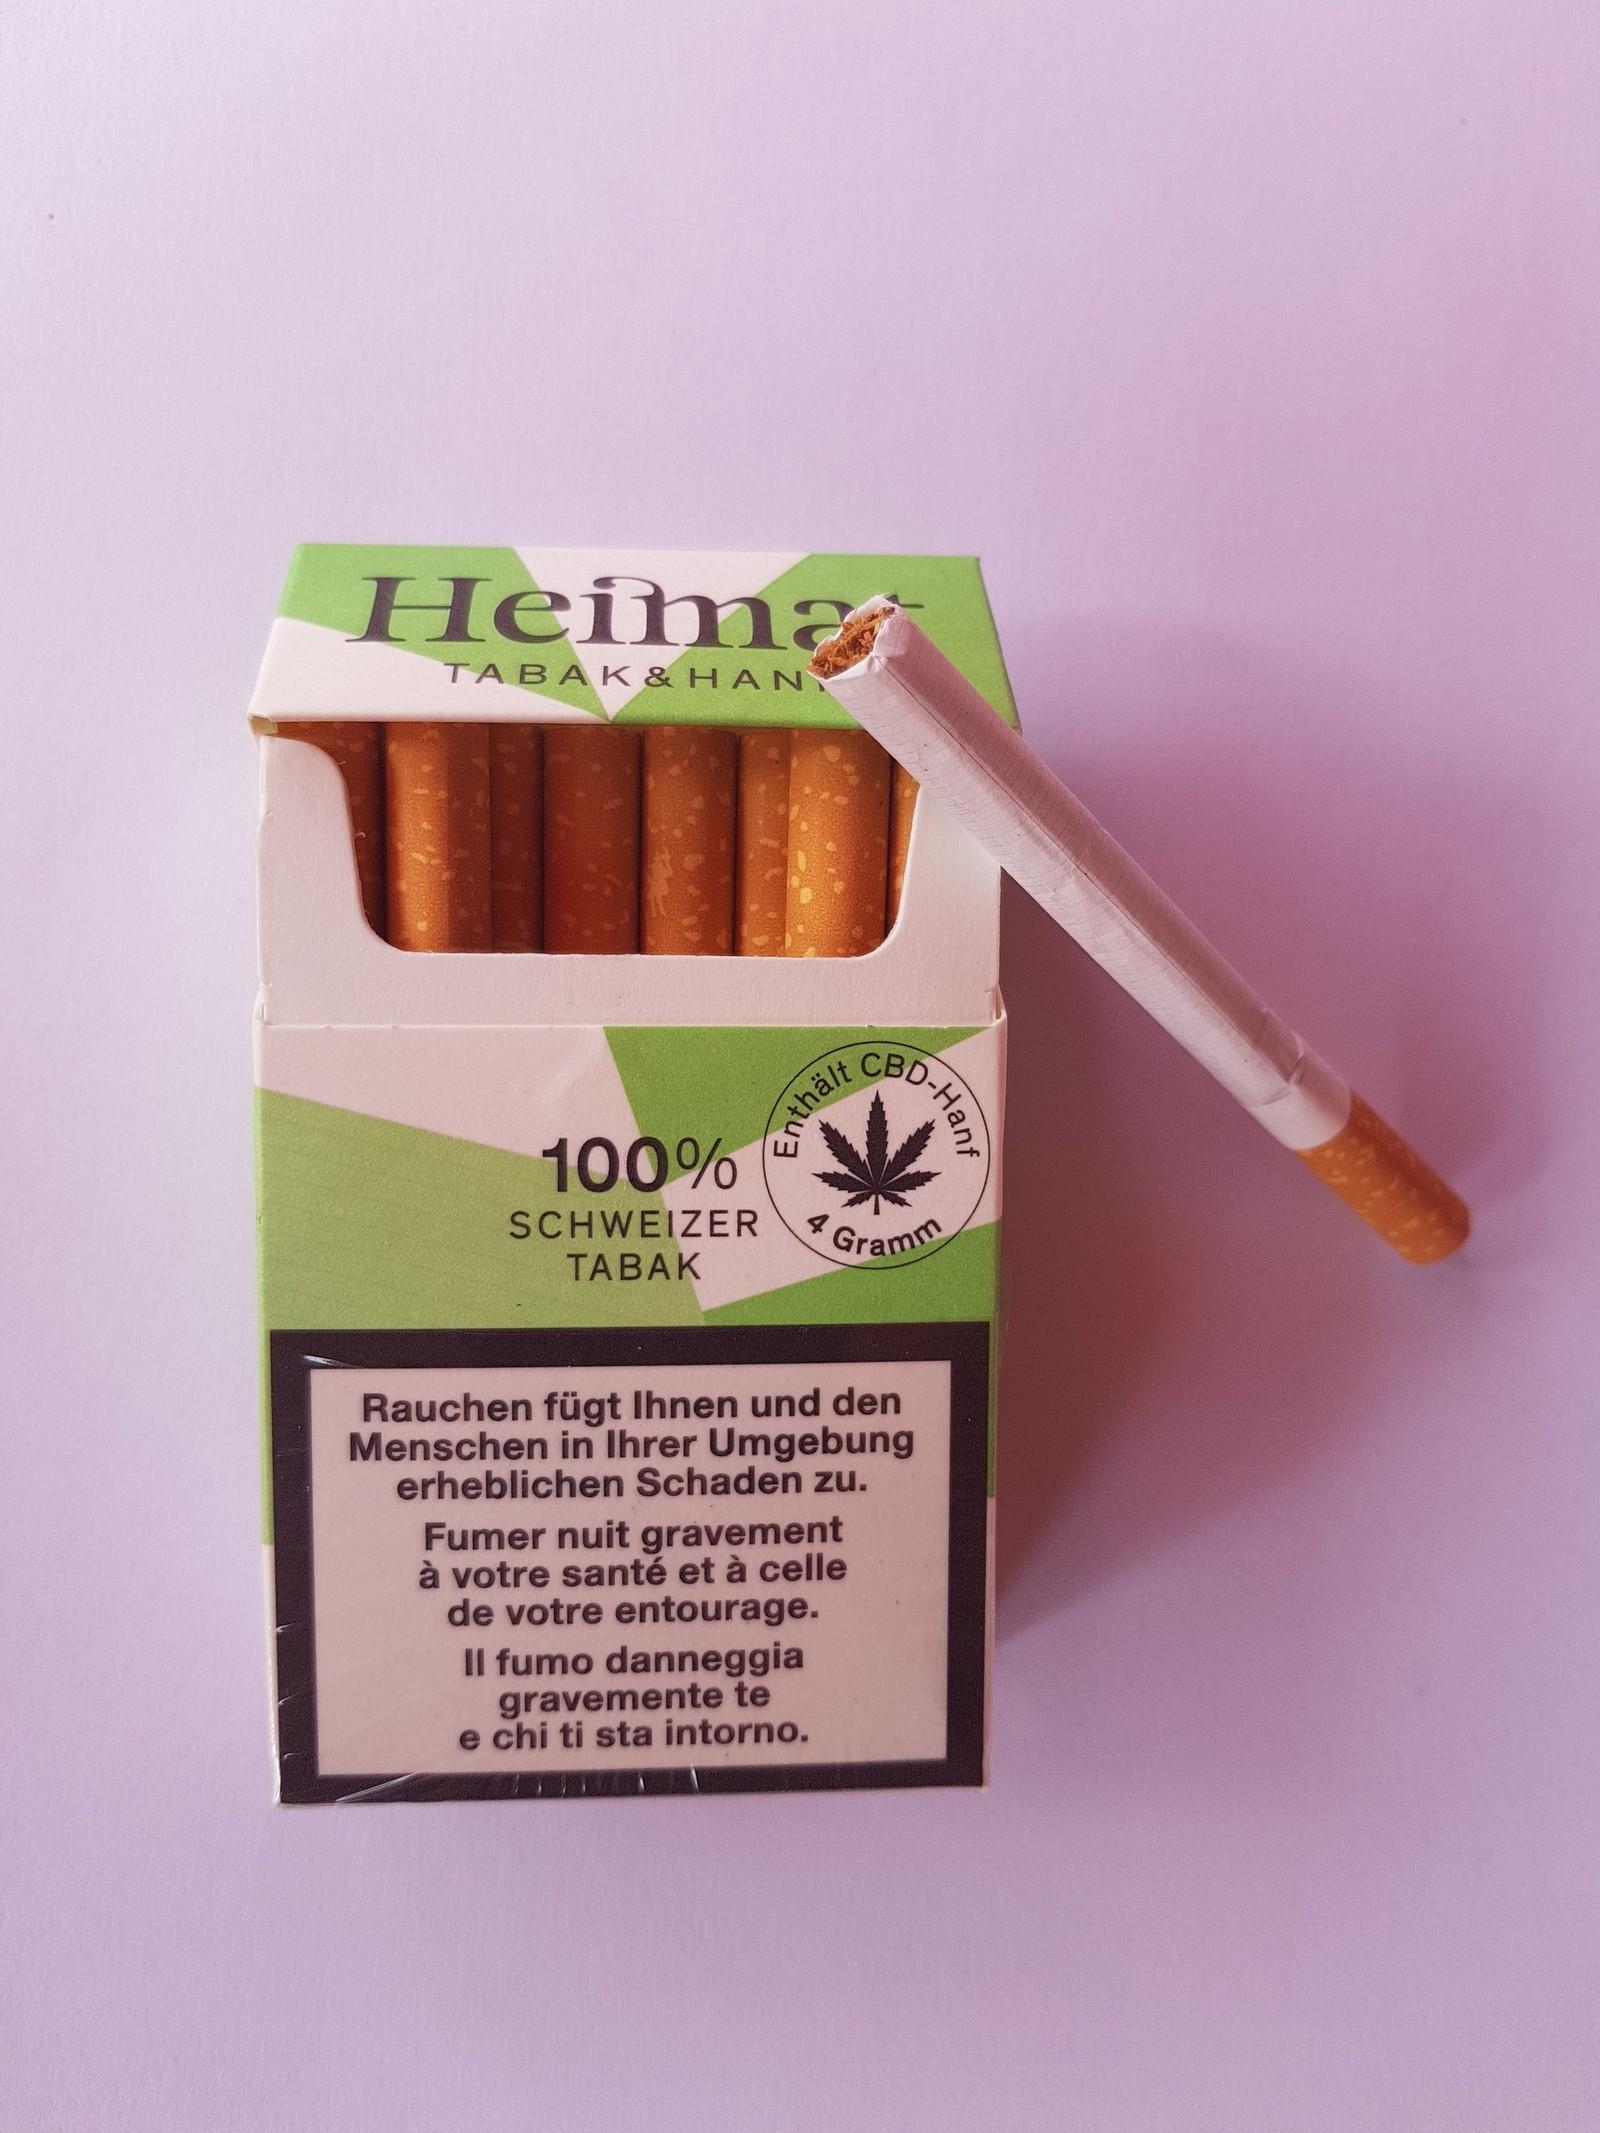 Табак для кальяна со вкусом марихуаны картинки про марихуану скачать